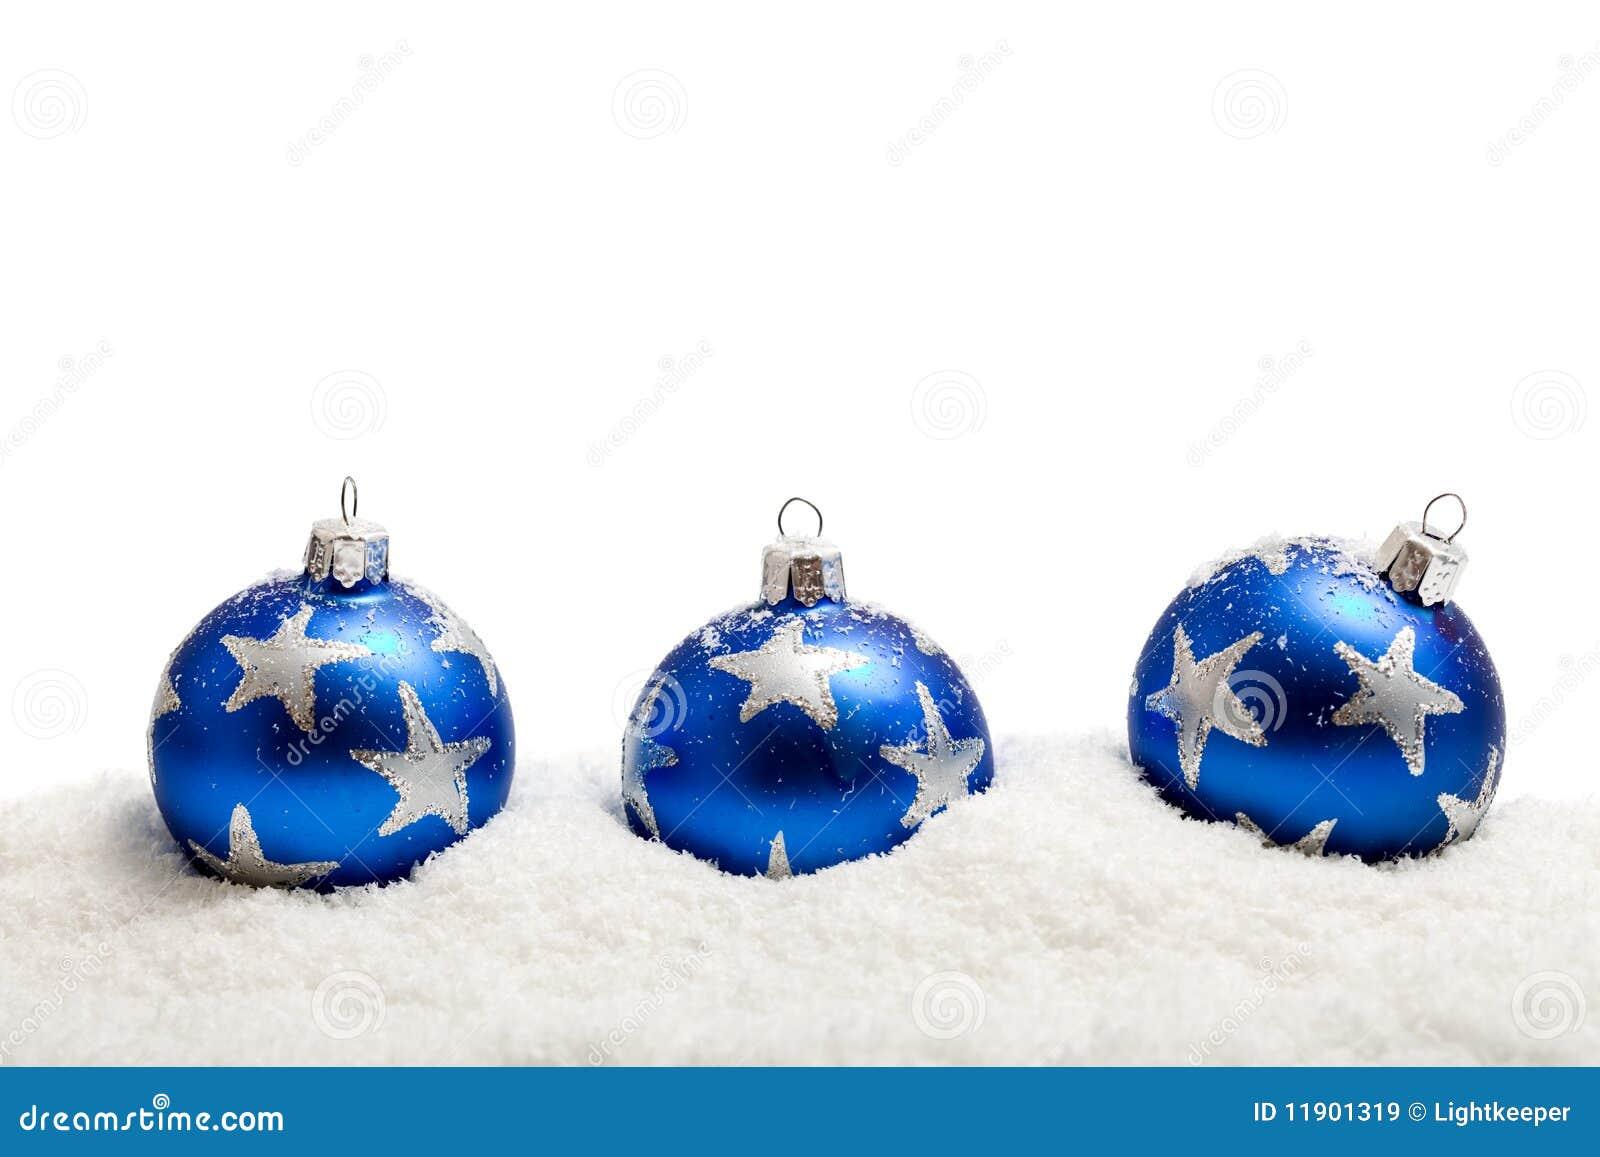 Drei blaue weihnachtskugeln im schnee getrennt for Weihnachtskugeln bilder